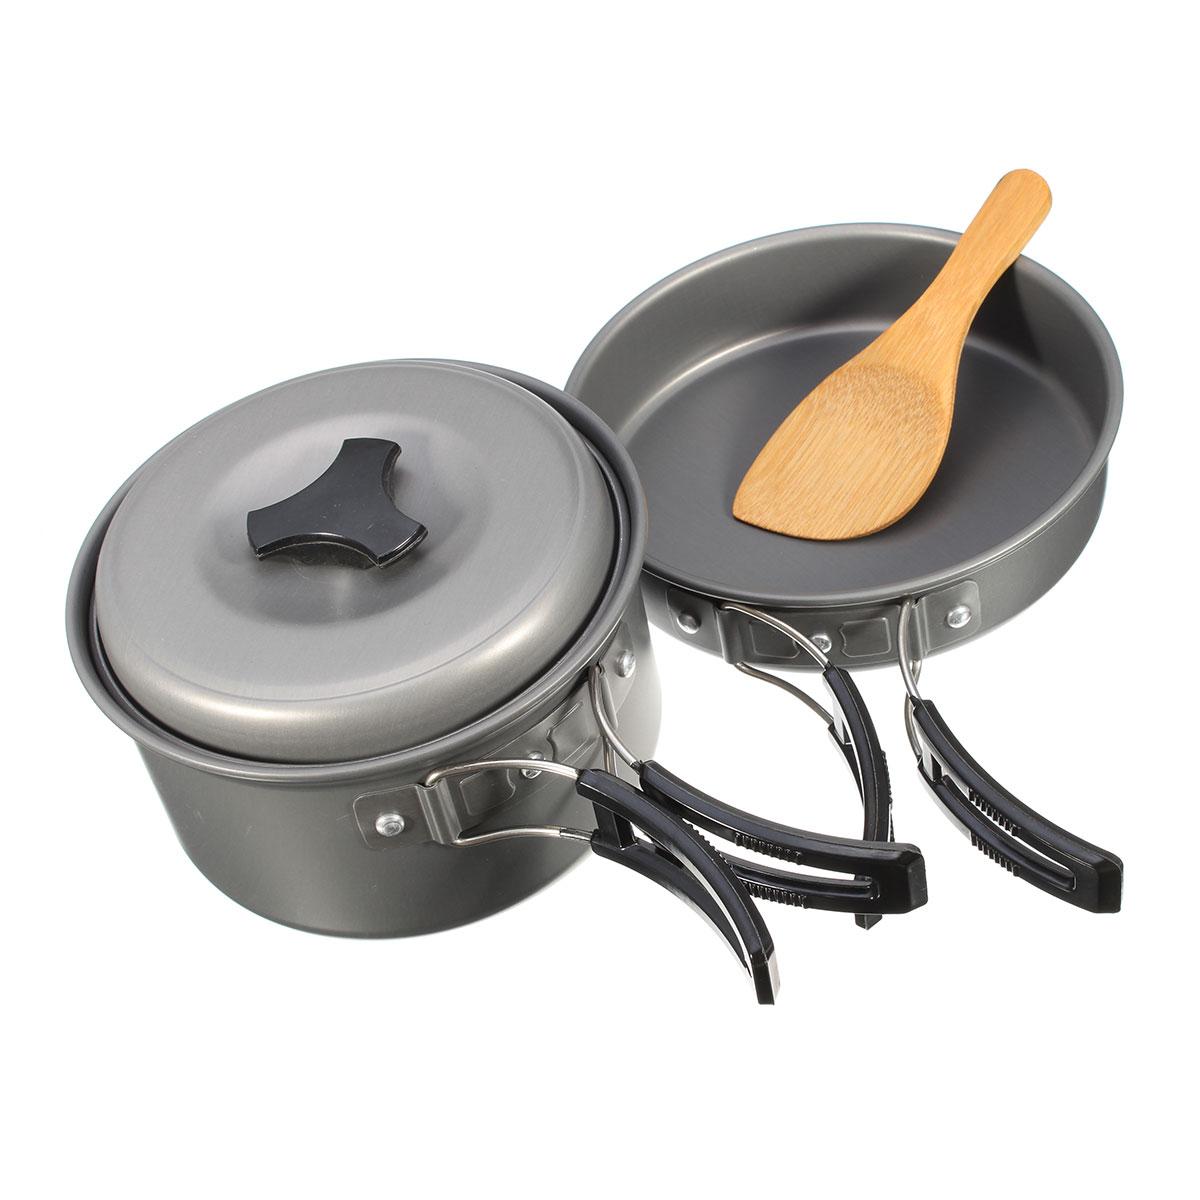 1 satz Beweglicher Im Freien Kampierender Wandern Kochen Nonstick Schüssel Töpfe Pfannen Panela Kochgeschirr Gesetzt Kochen Werkzeuge outdoor geschirr